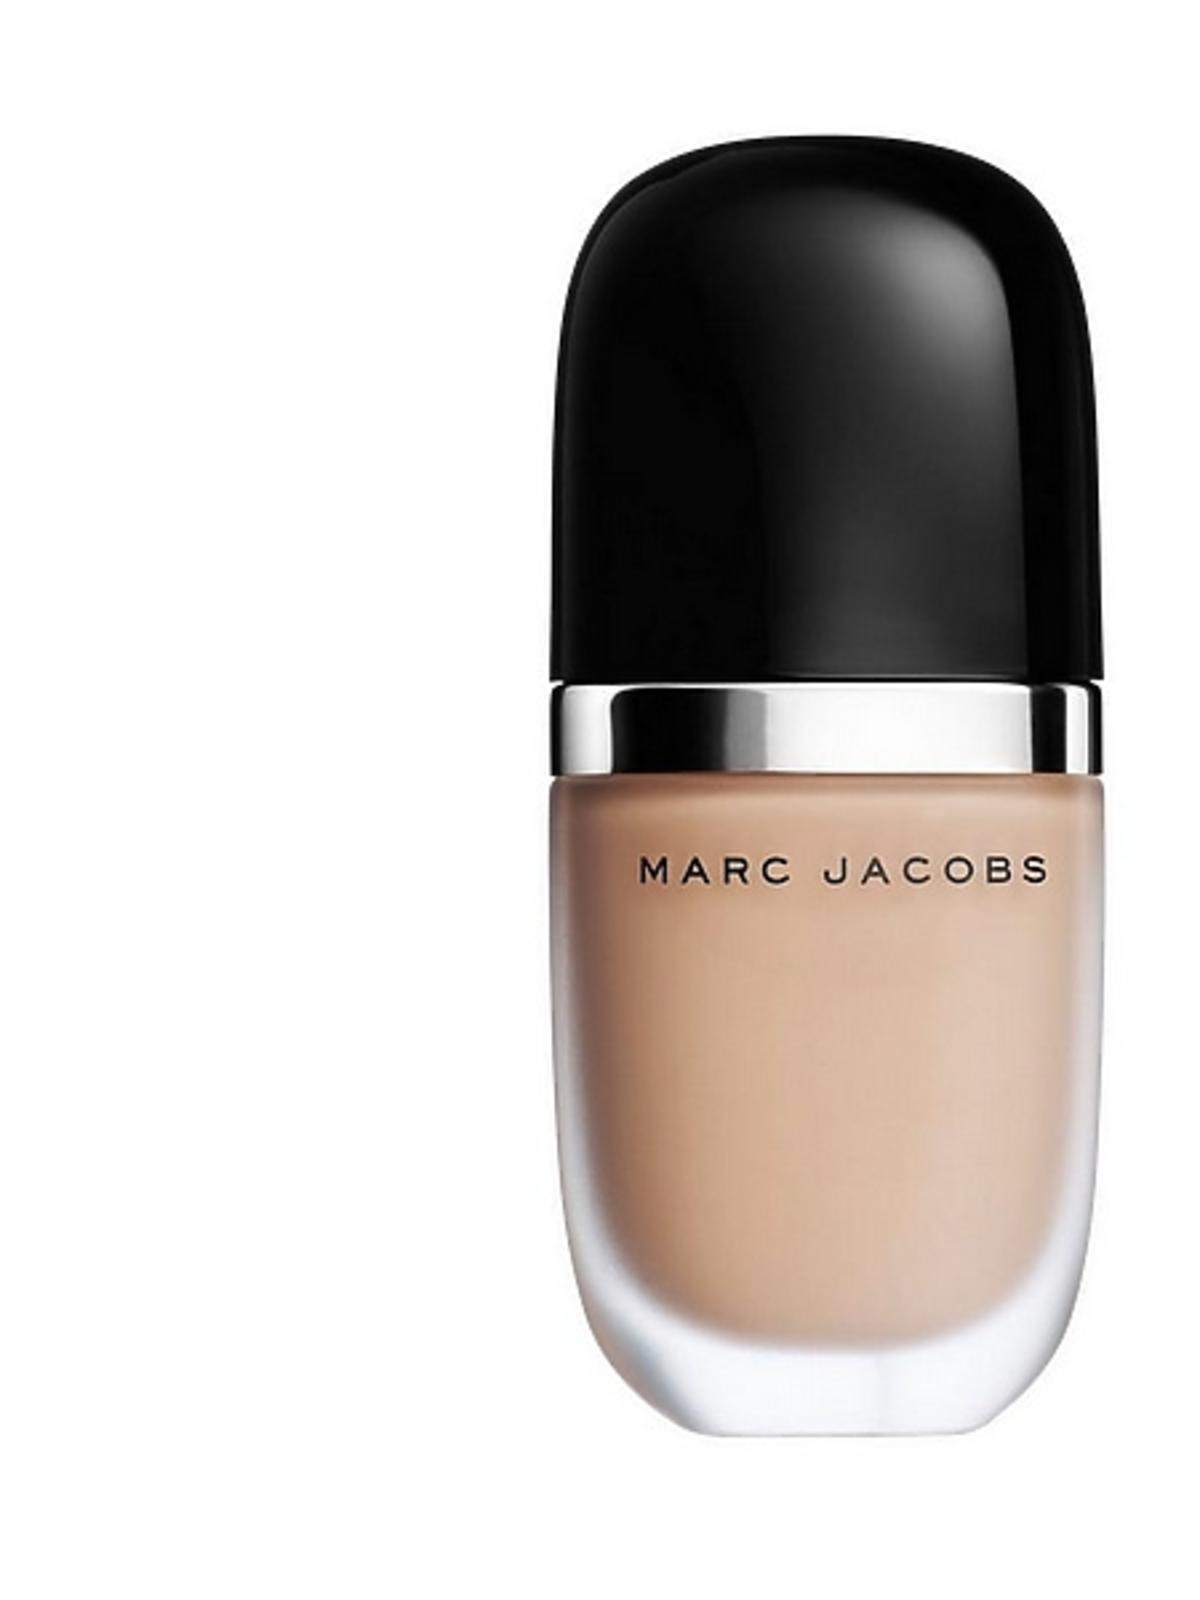 Podkład Marc by Marc Jacobs, cena